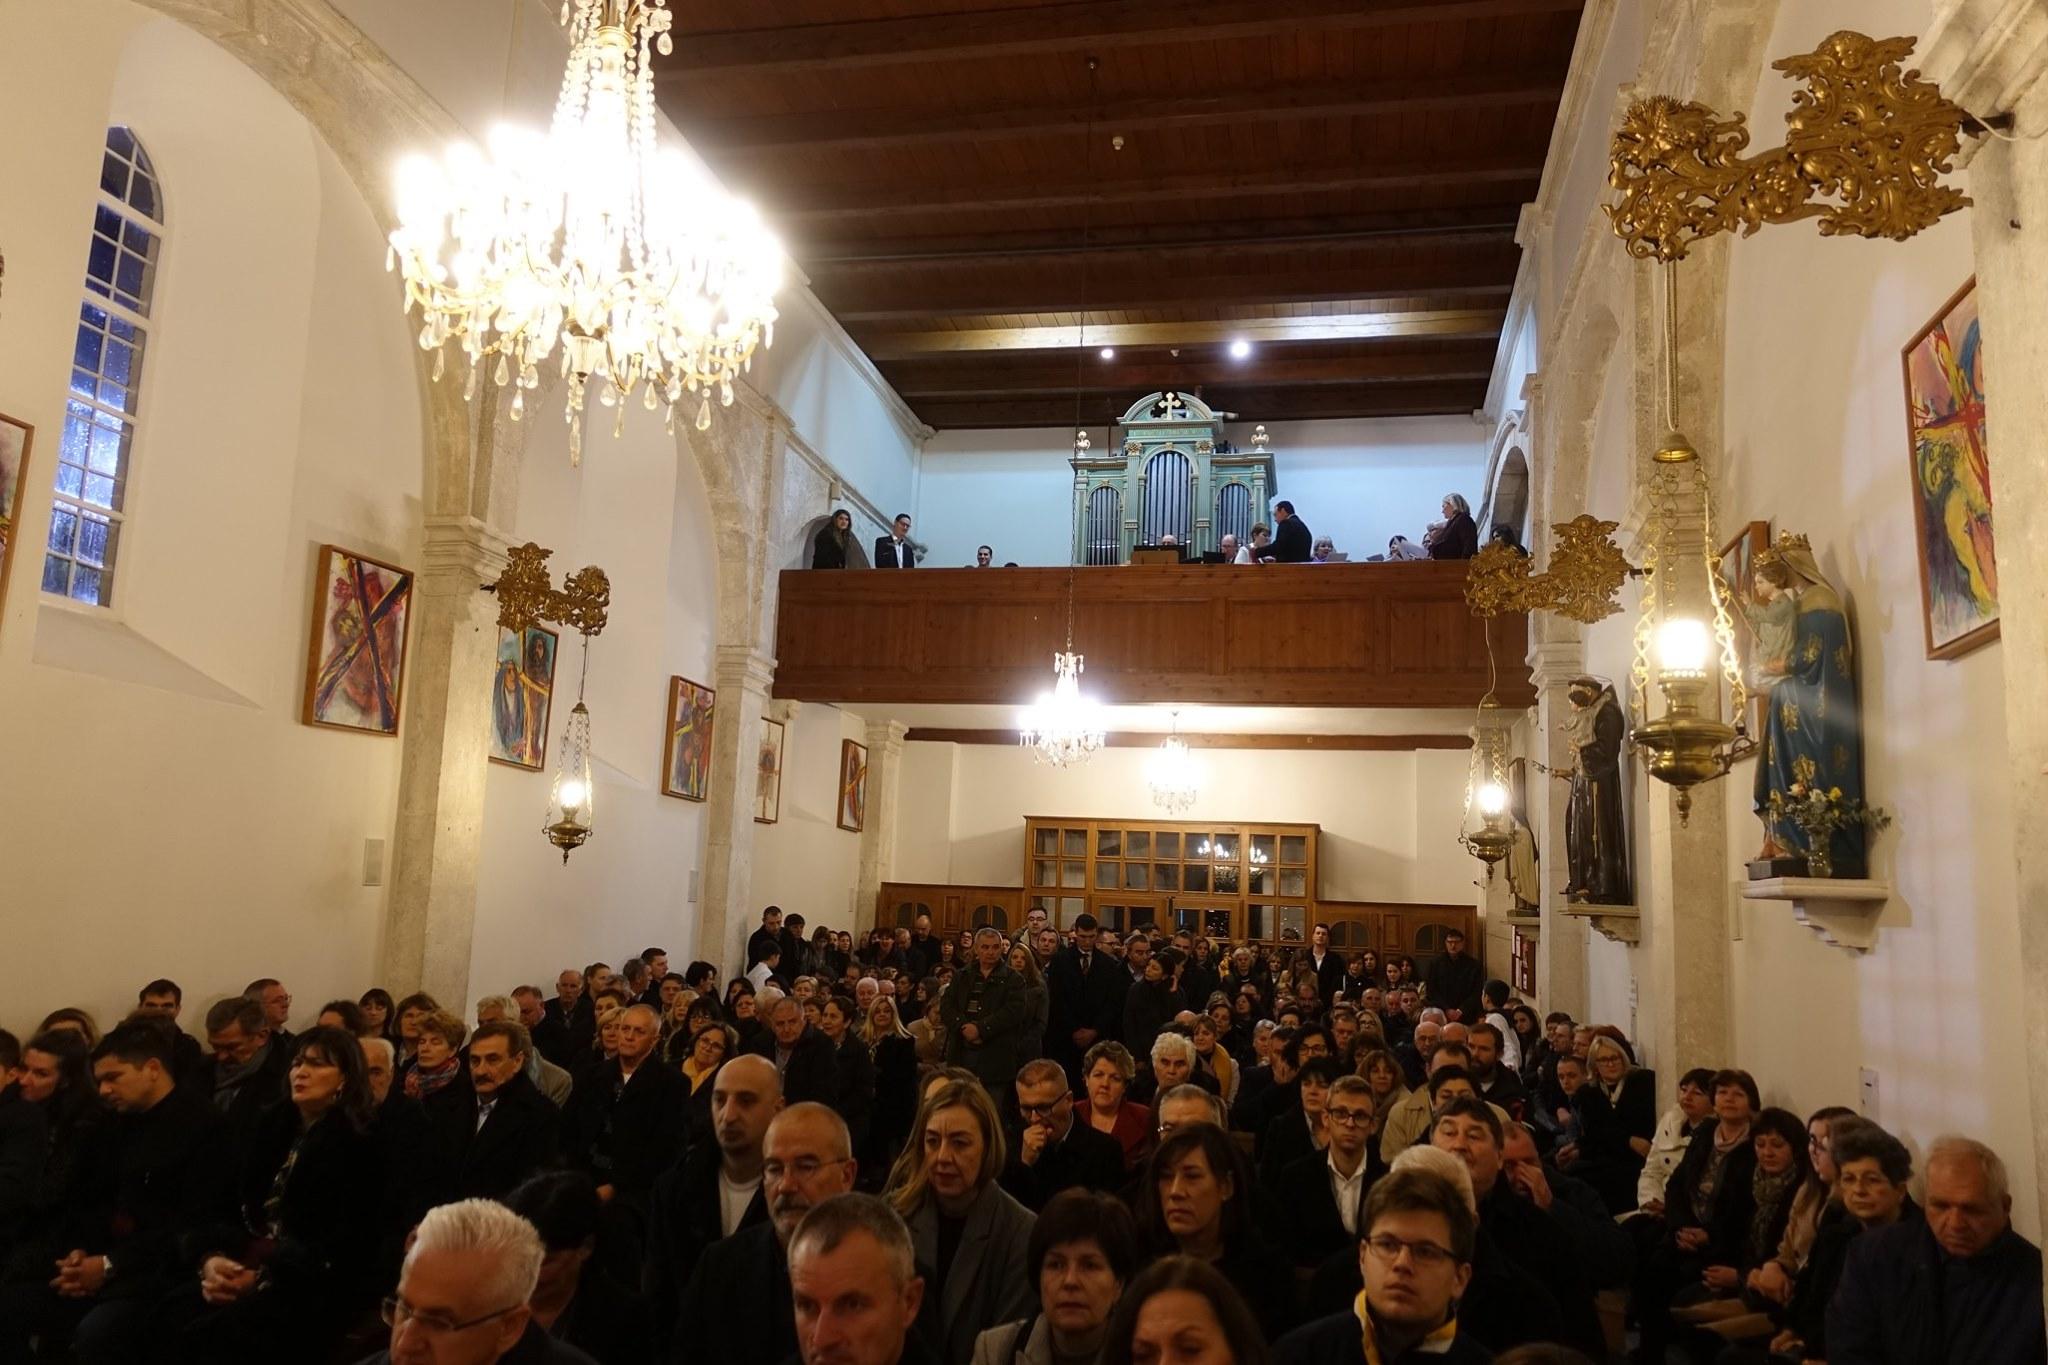 BOŽIĆ PONOĆKA i danje mise u župi Rožat, 25. XII. 2019.